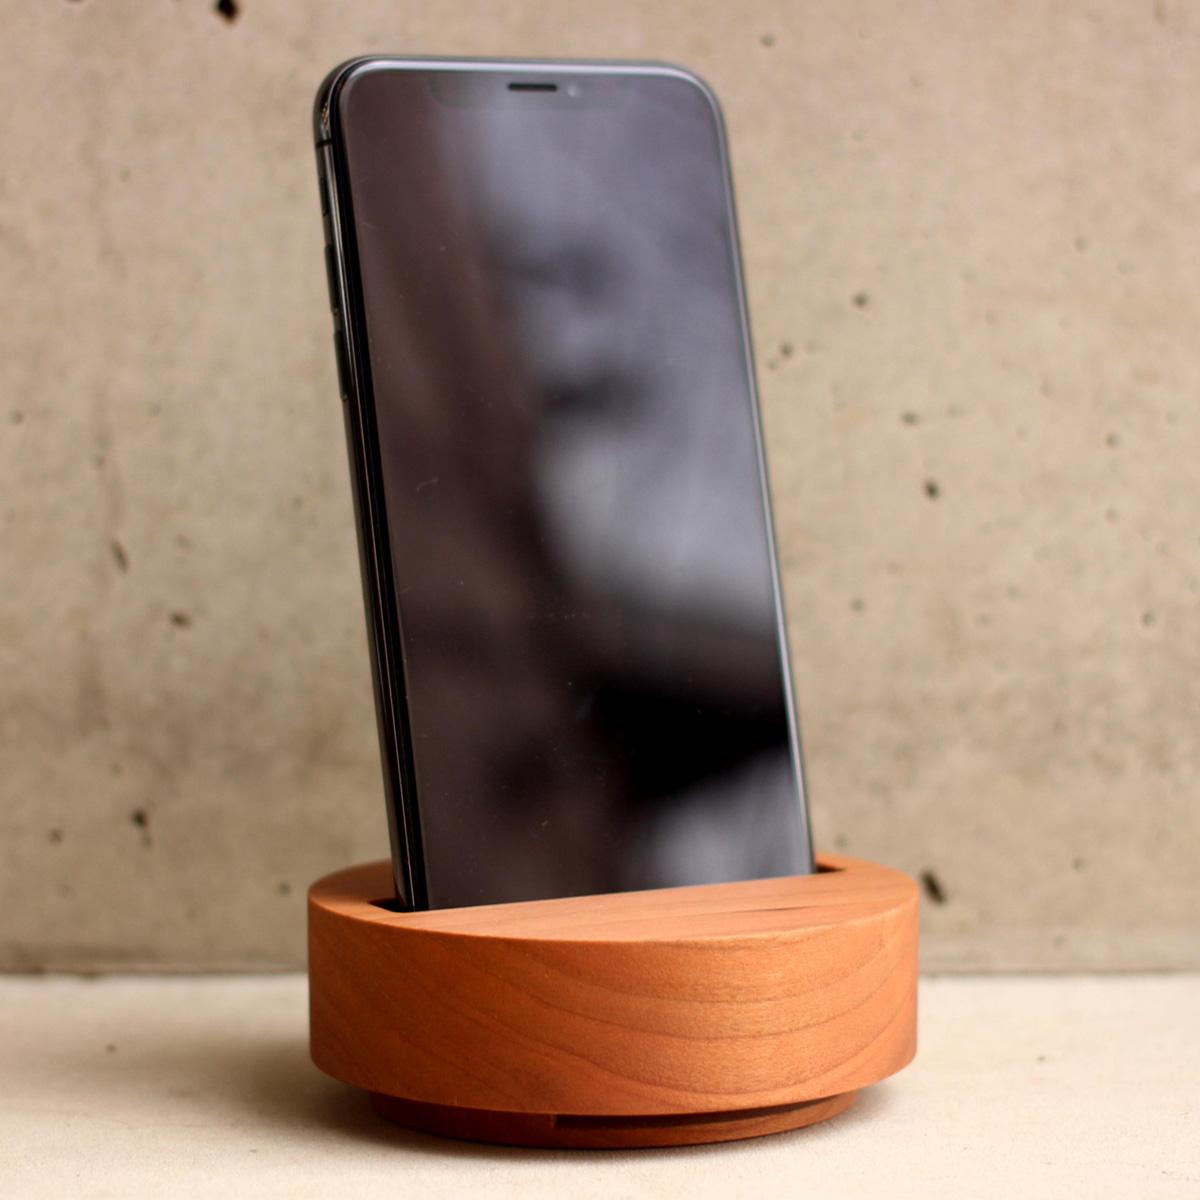 木塊を削り出した、シンプルな無電源スピーカースタンド「Wooden Speaker Drum」にチェリーが追加。